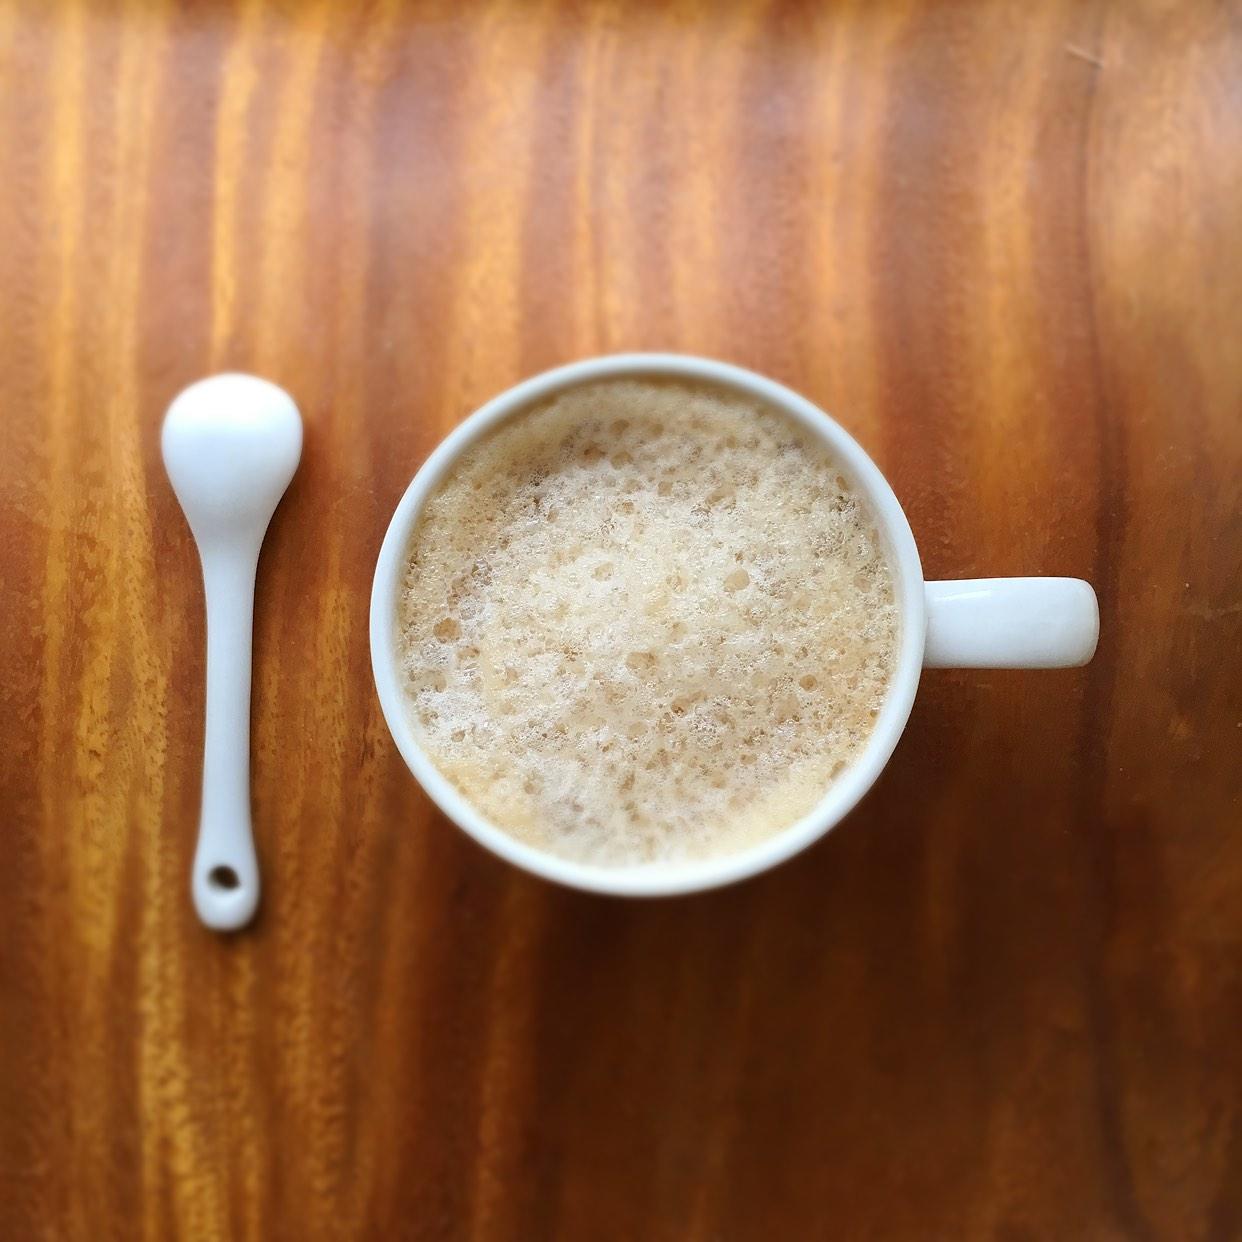 TVで話題の泡コーヒー♪この冬はおうちで手軽にふわふわコーヒーを楽しもう